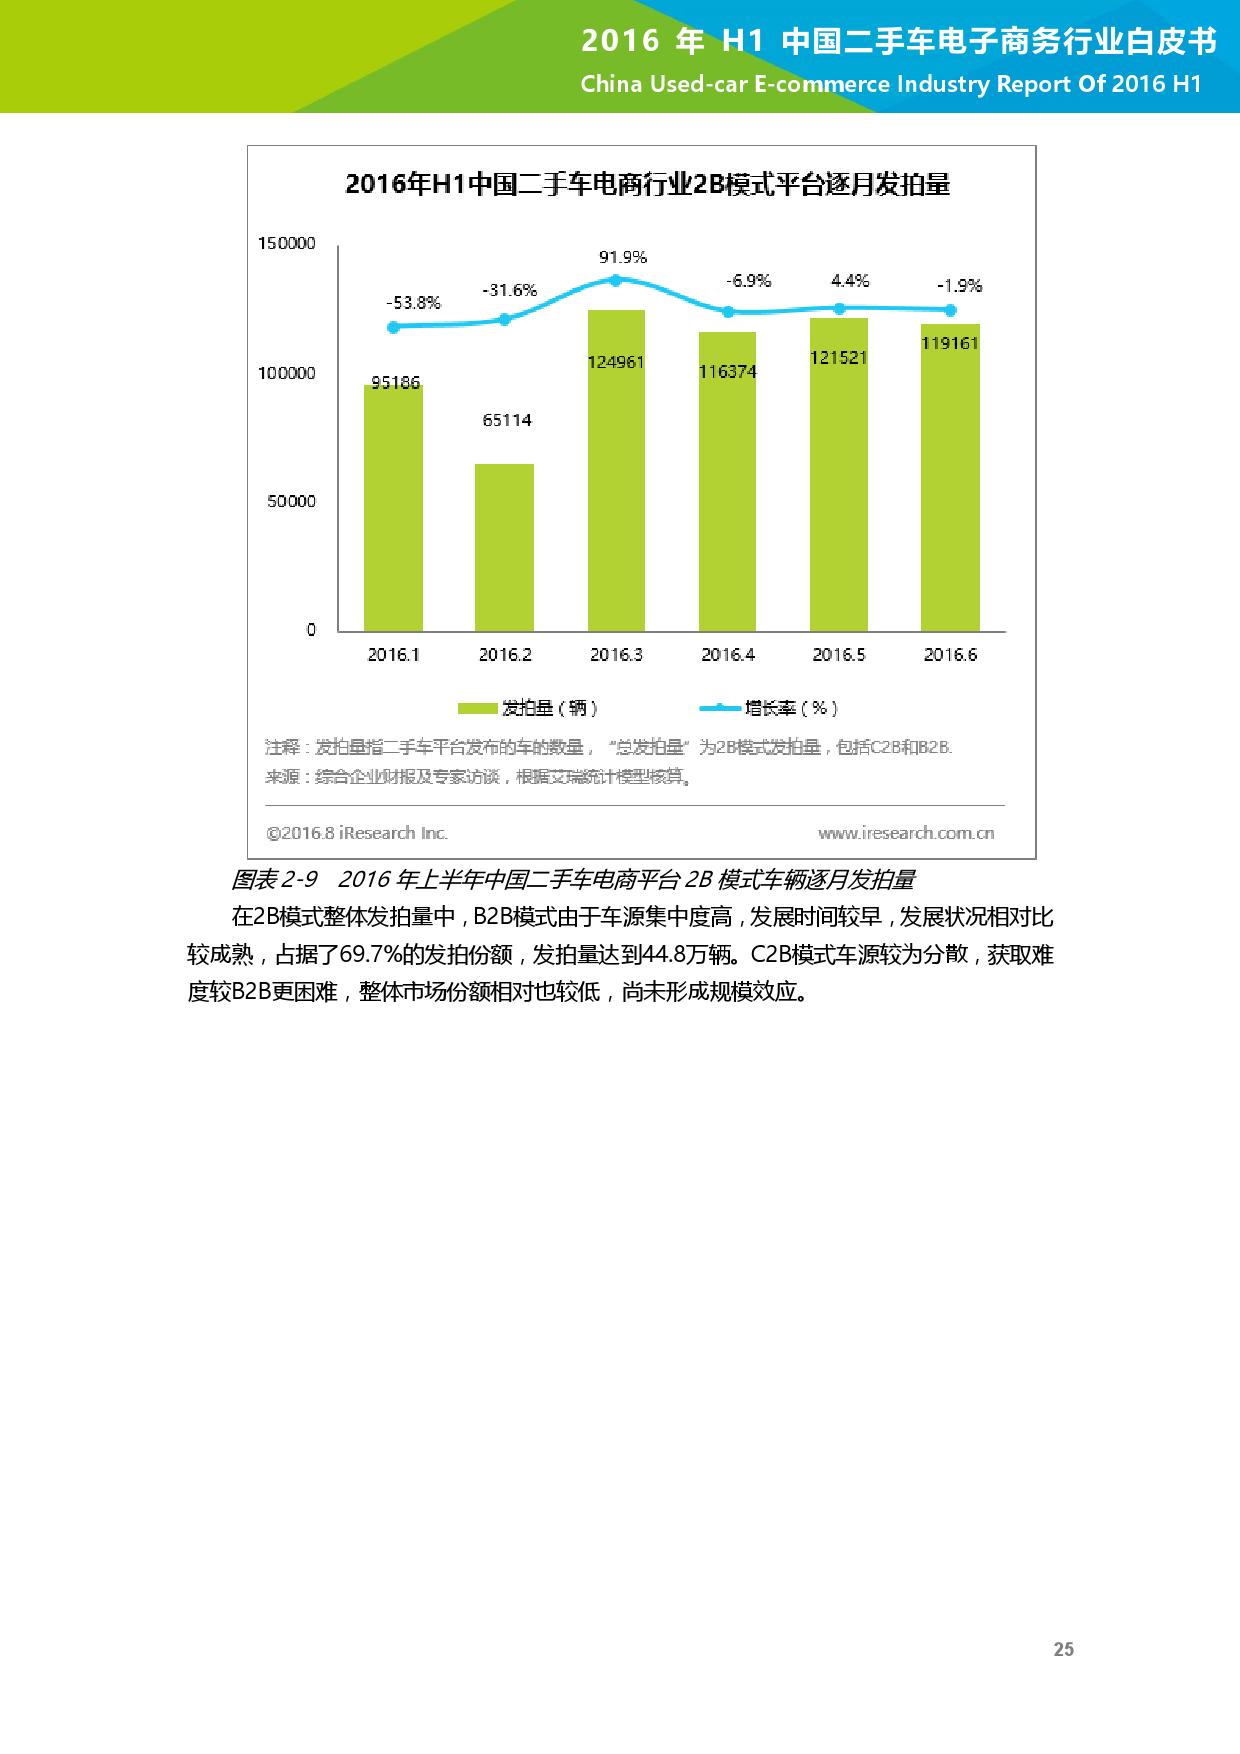 2016年H1中国二手车电子商务行业白皮书_000026